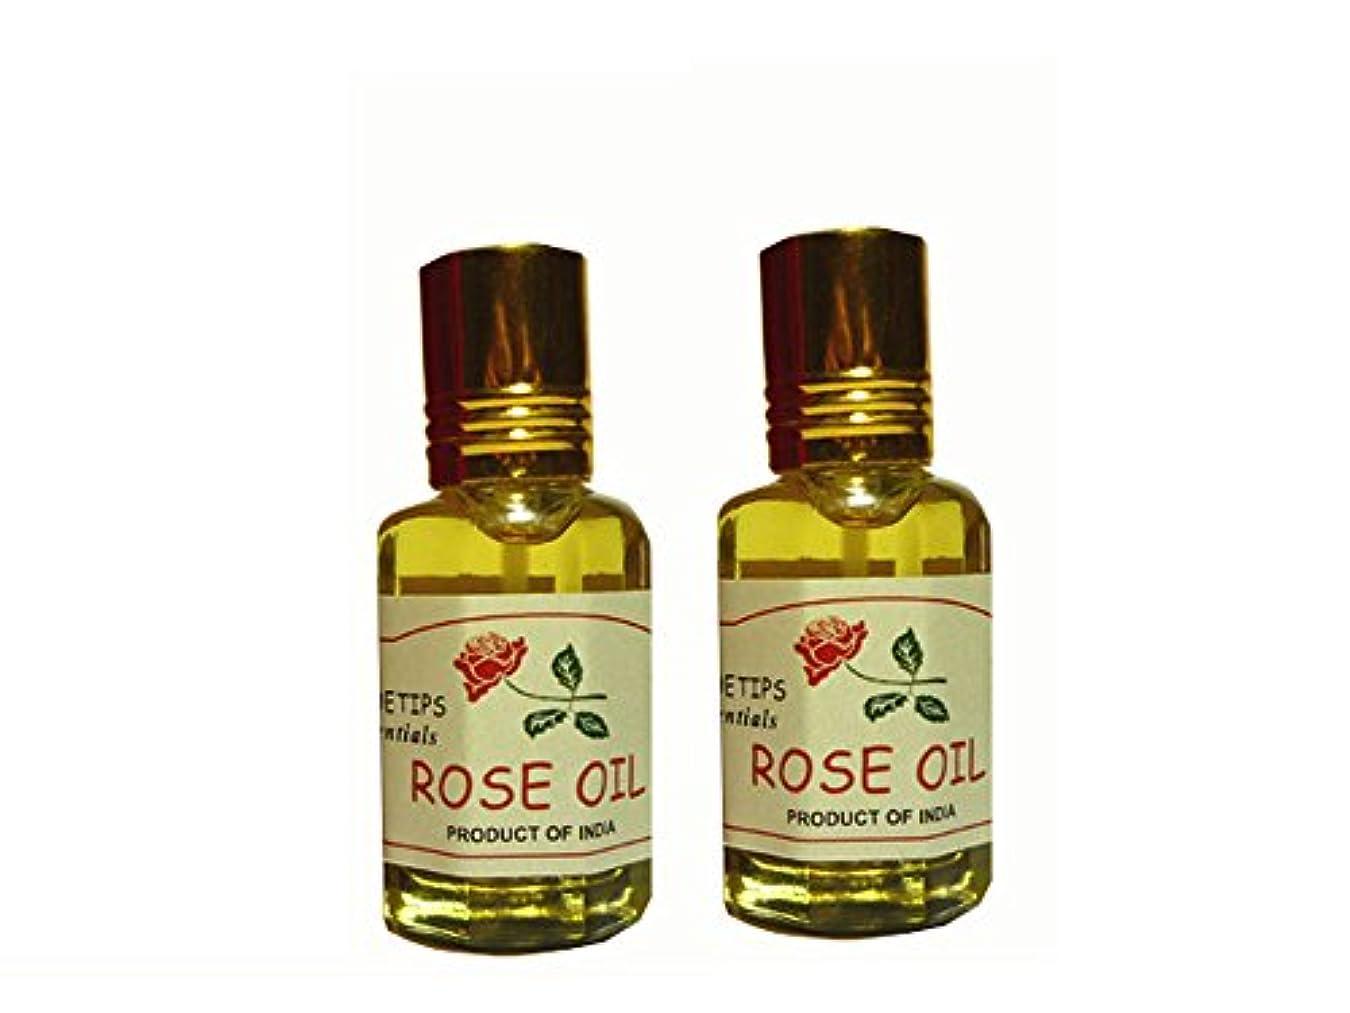 許される結紮パウダーペコー ティップス ダマスクローズ オイル オット 100%精油(インド産 精油) 2本 PEKOE TIPS TEA ROSE ESSENTIAL OIL ROSA DAMASCENA(Damask rose) 12ml...